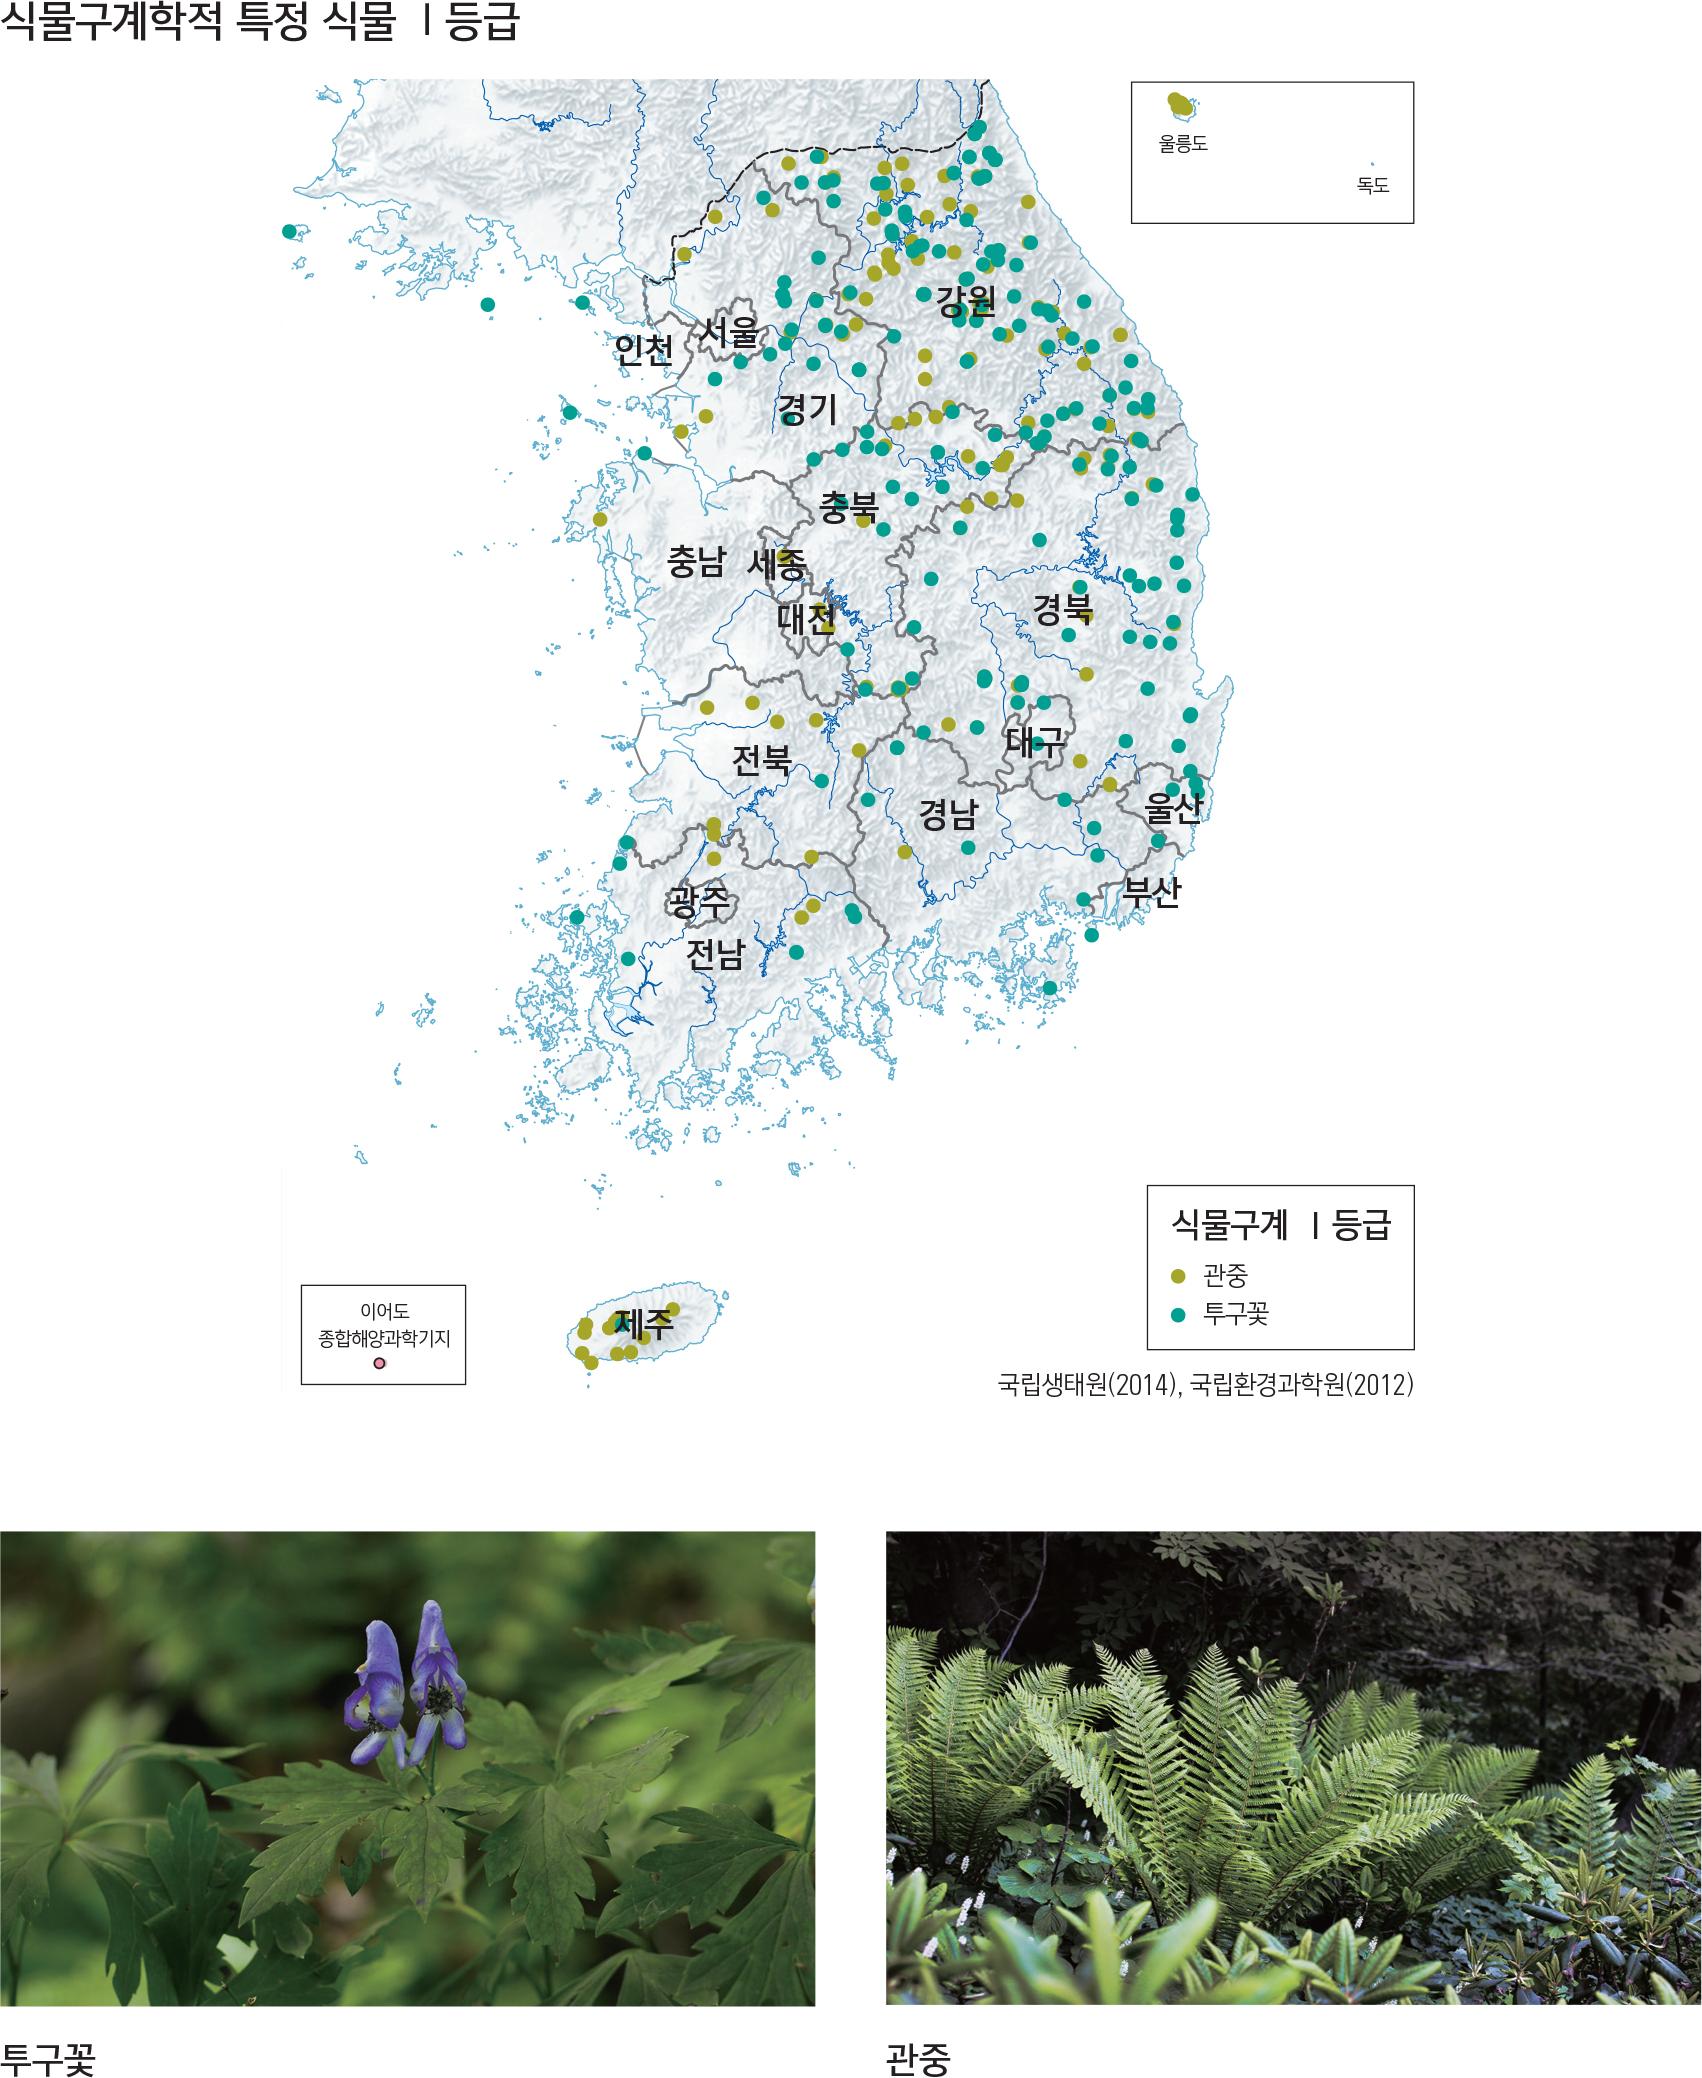 식물구계학적 특정 식물 I등급